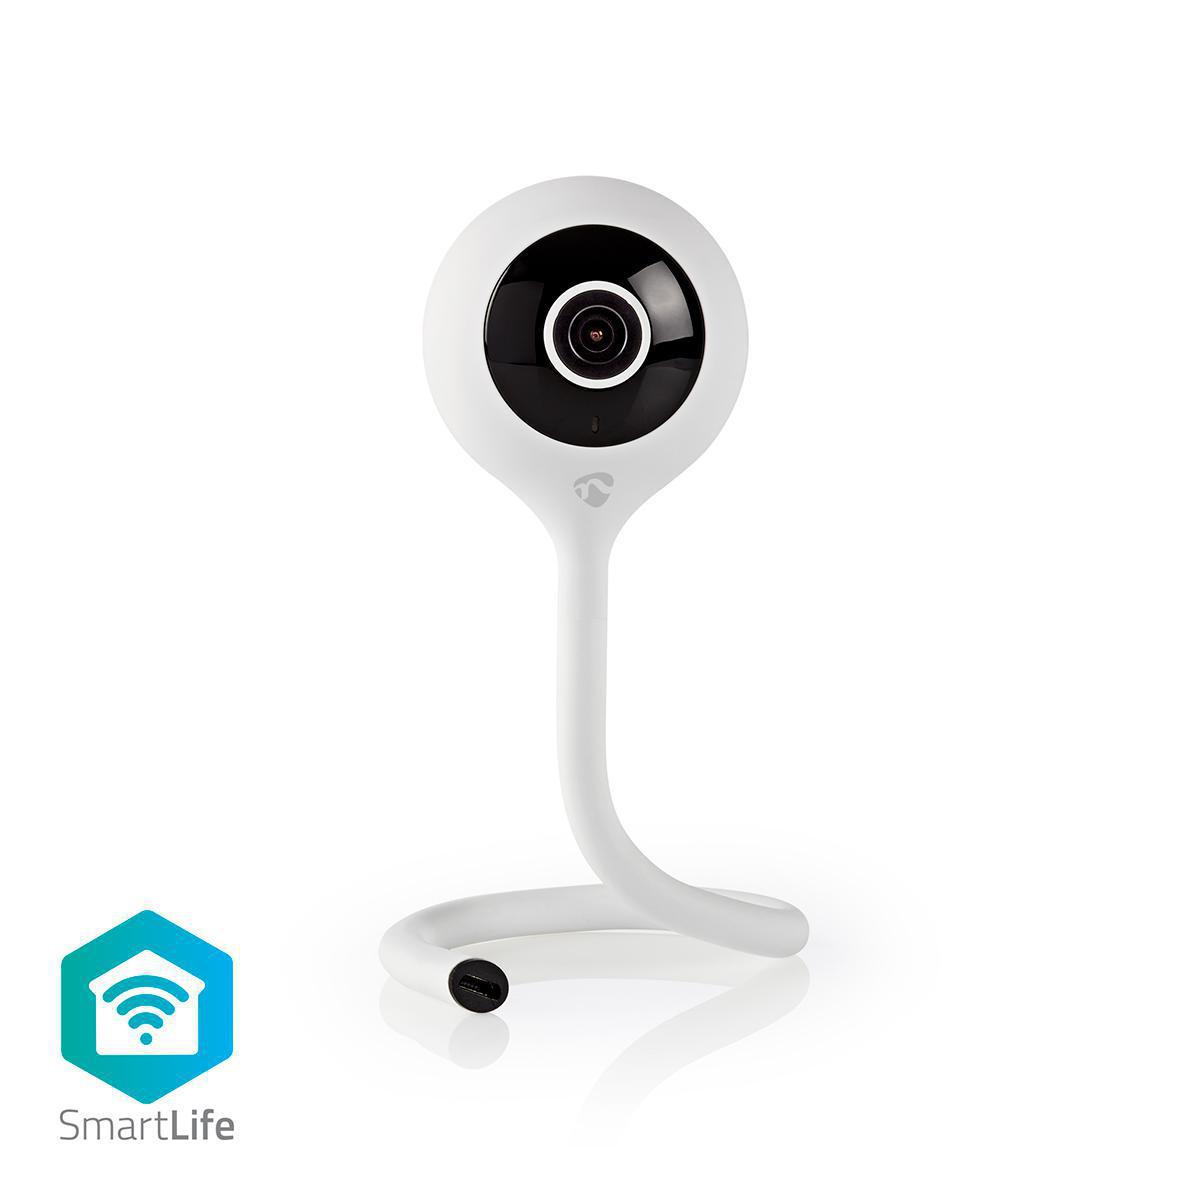 Diese Smart-Home-IP-Kamera ist eine wichtige Ergänzung zu jedem Smart-Home-System. Sie wird direkt mit Ihrem Wi-Fi-Heimnetzwerk verbunden (kein zusätzlicher Hub erforderlich) und wird bei jeder Bewegung und jedem Geräusch im Raum aktiviert. Der zusätzlich